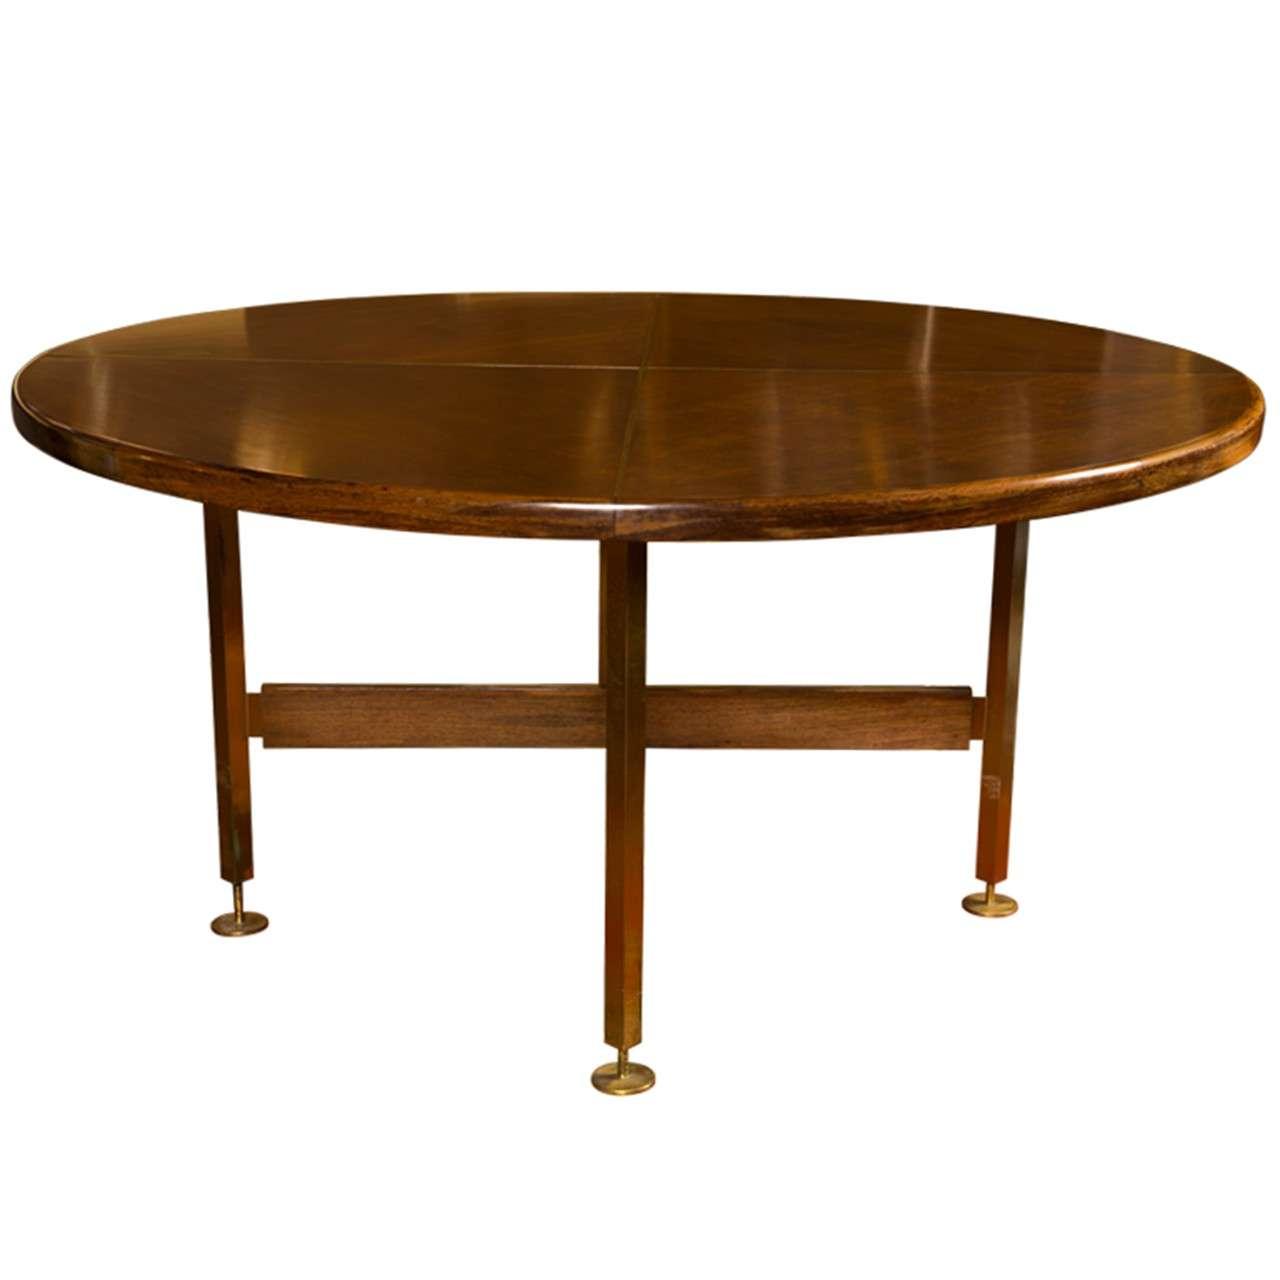 Paul McCobb Circular Dining Table At 1stdibs